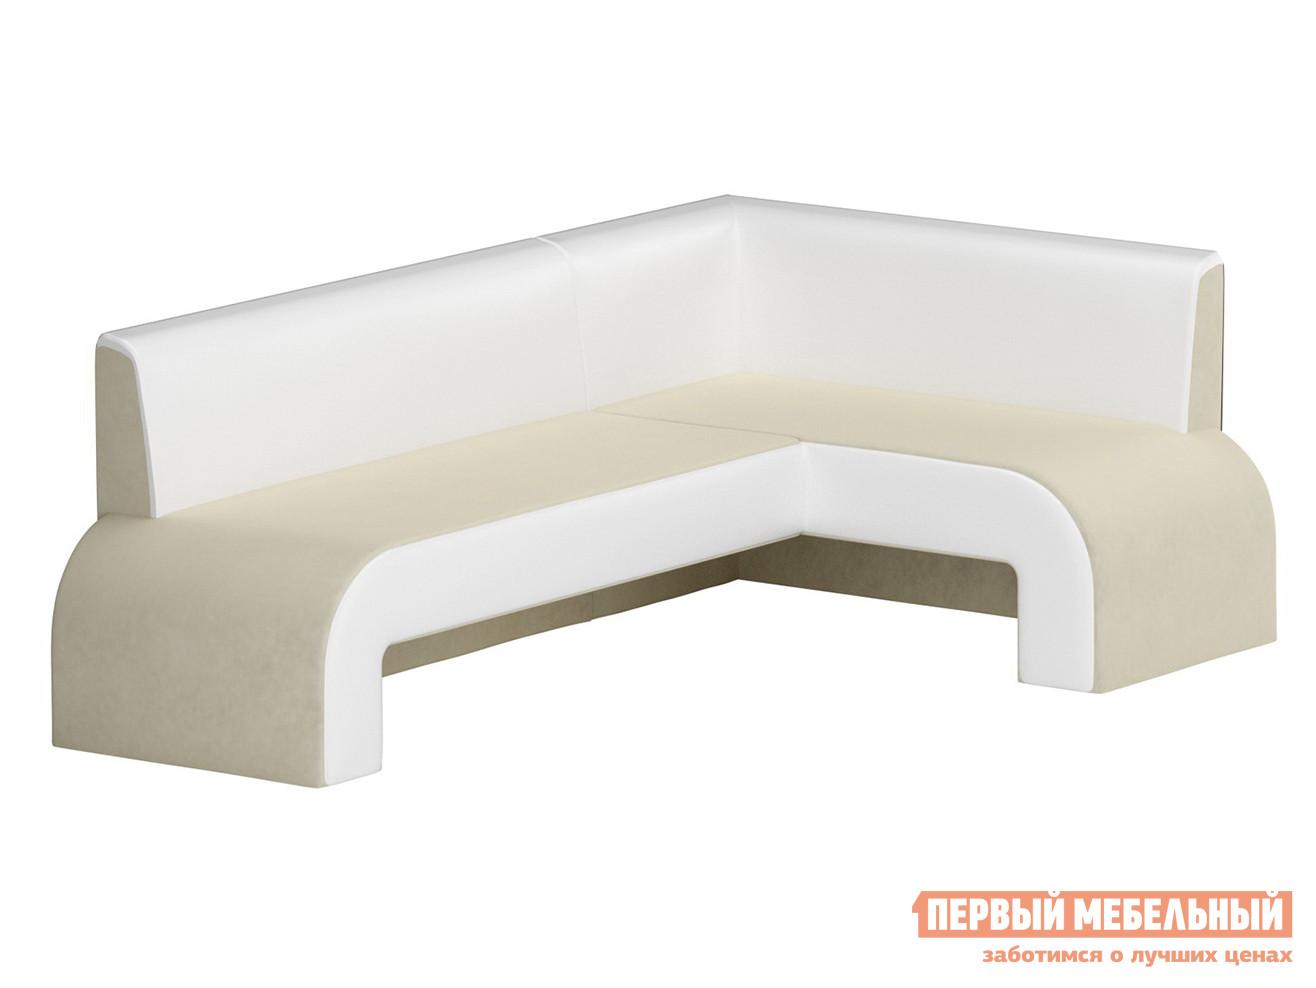 Мягкий угловой кухонный диван Мебелико Кармен